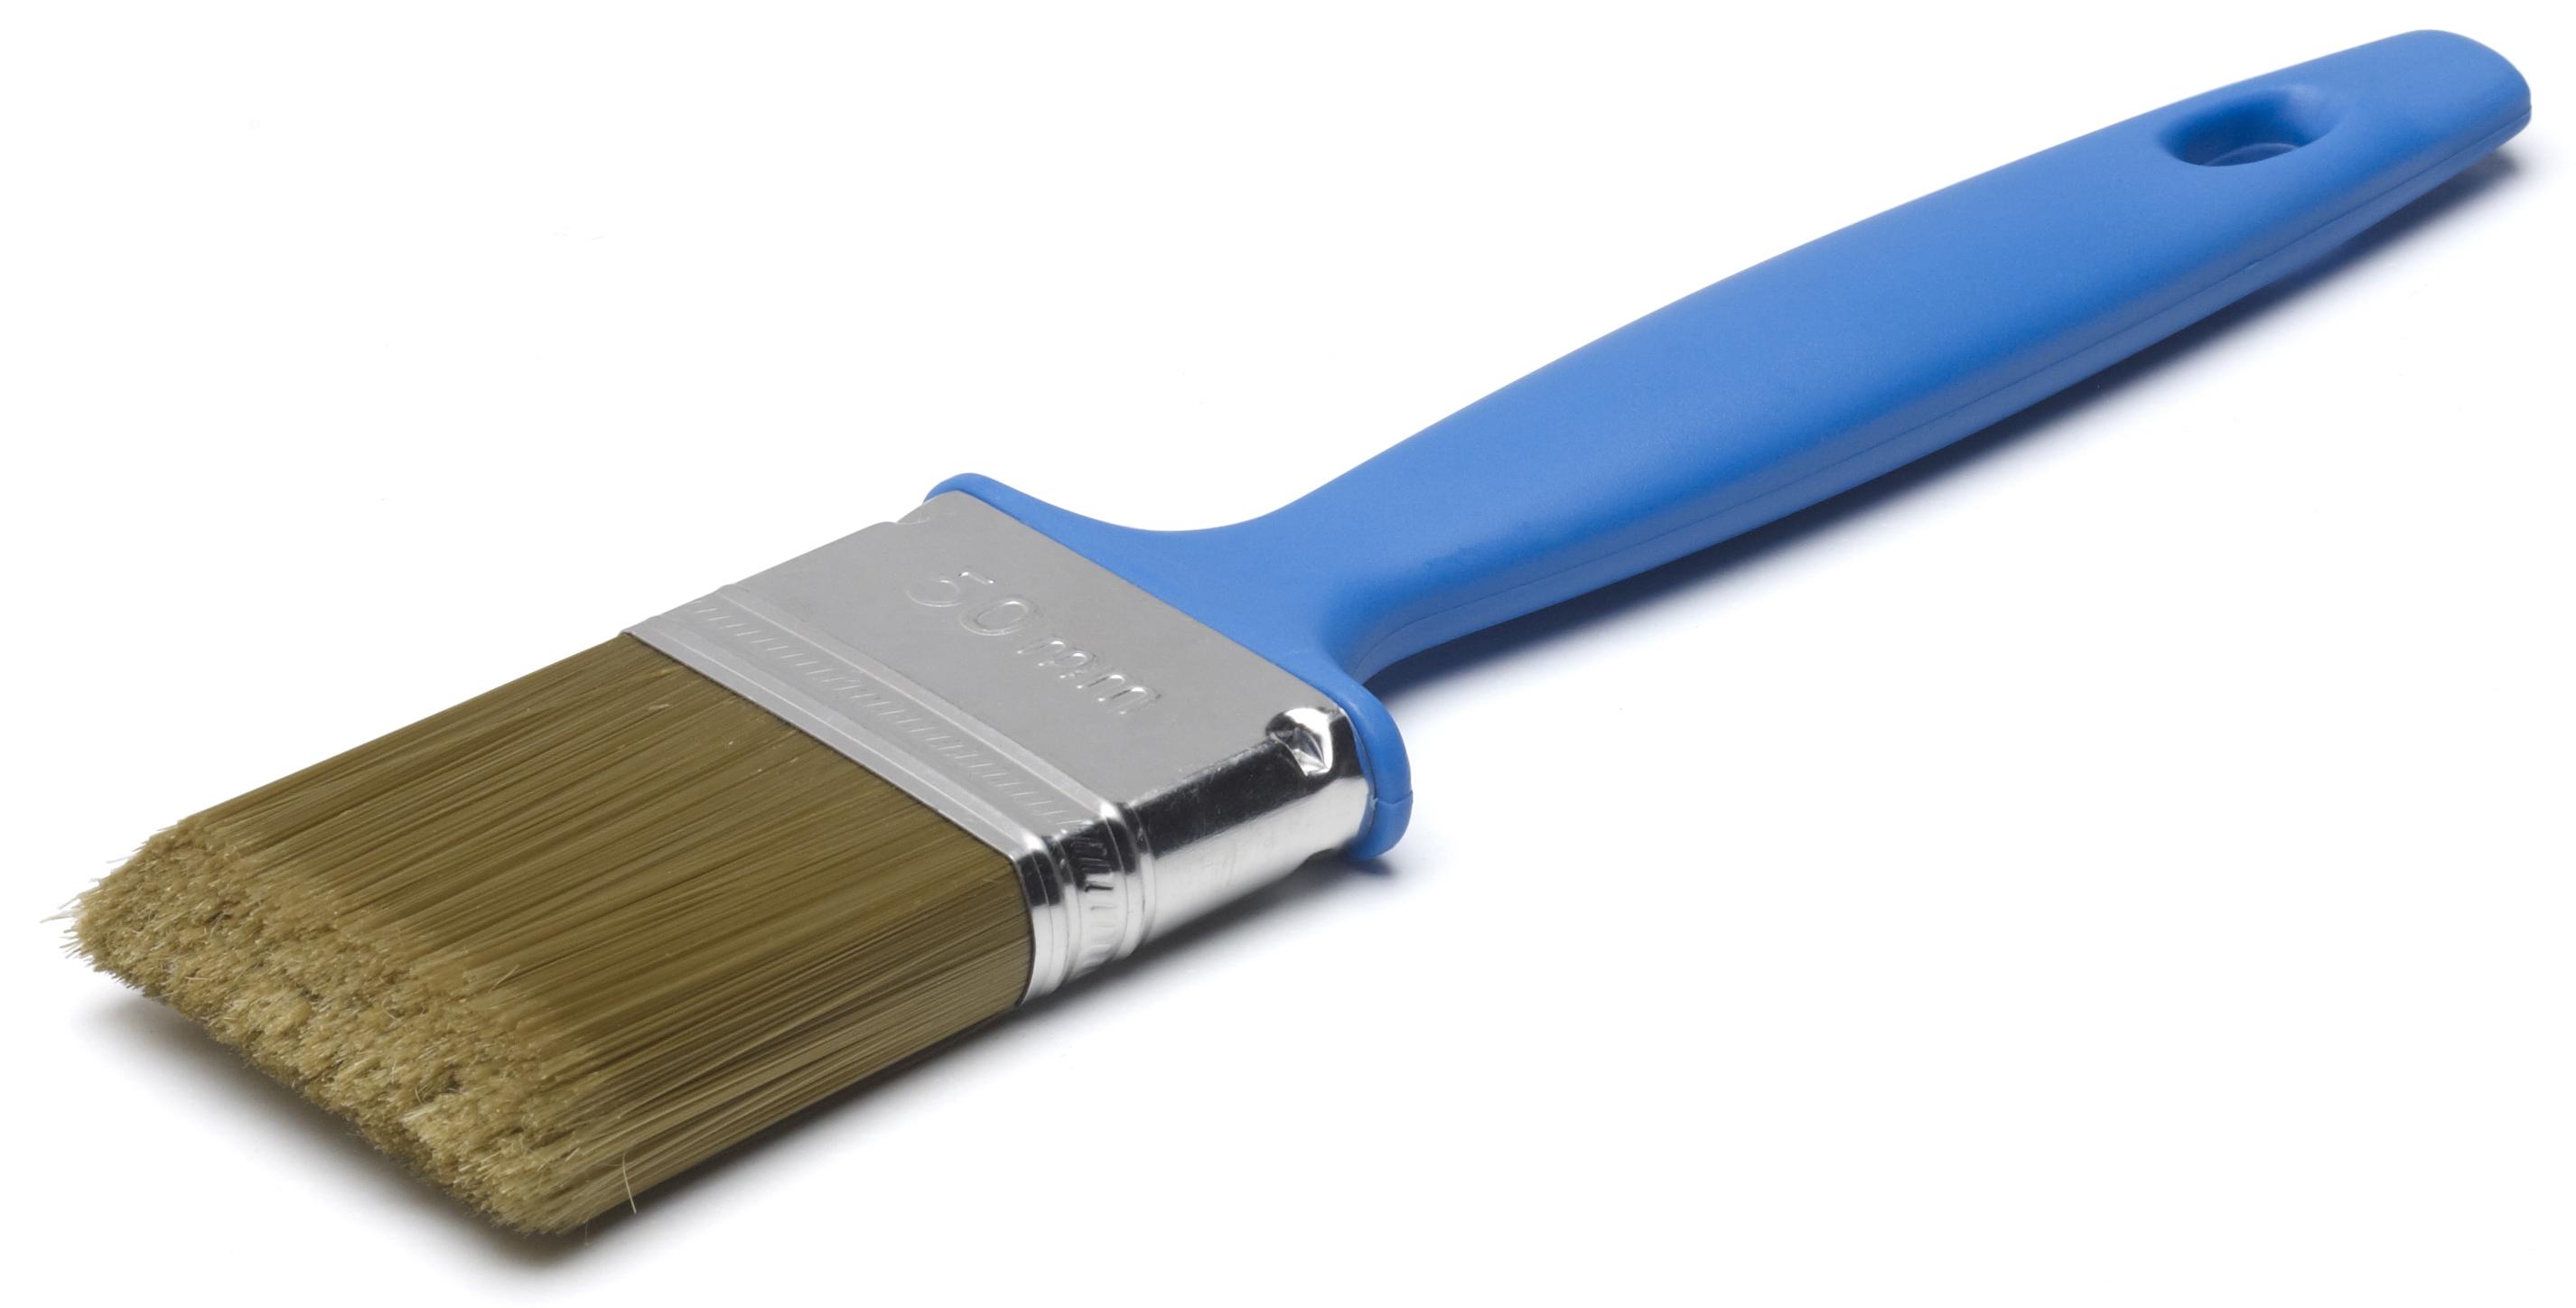 Кисть Anza 132170 кисть плоская 70 мм искусственная щетина прорезиненная ручка anza профи